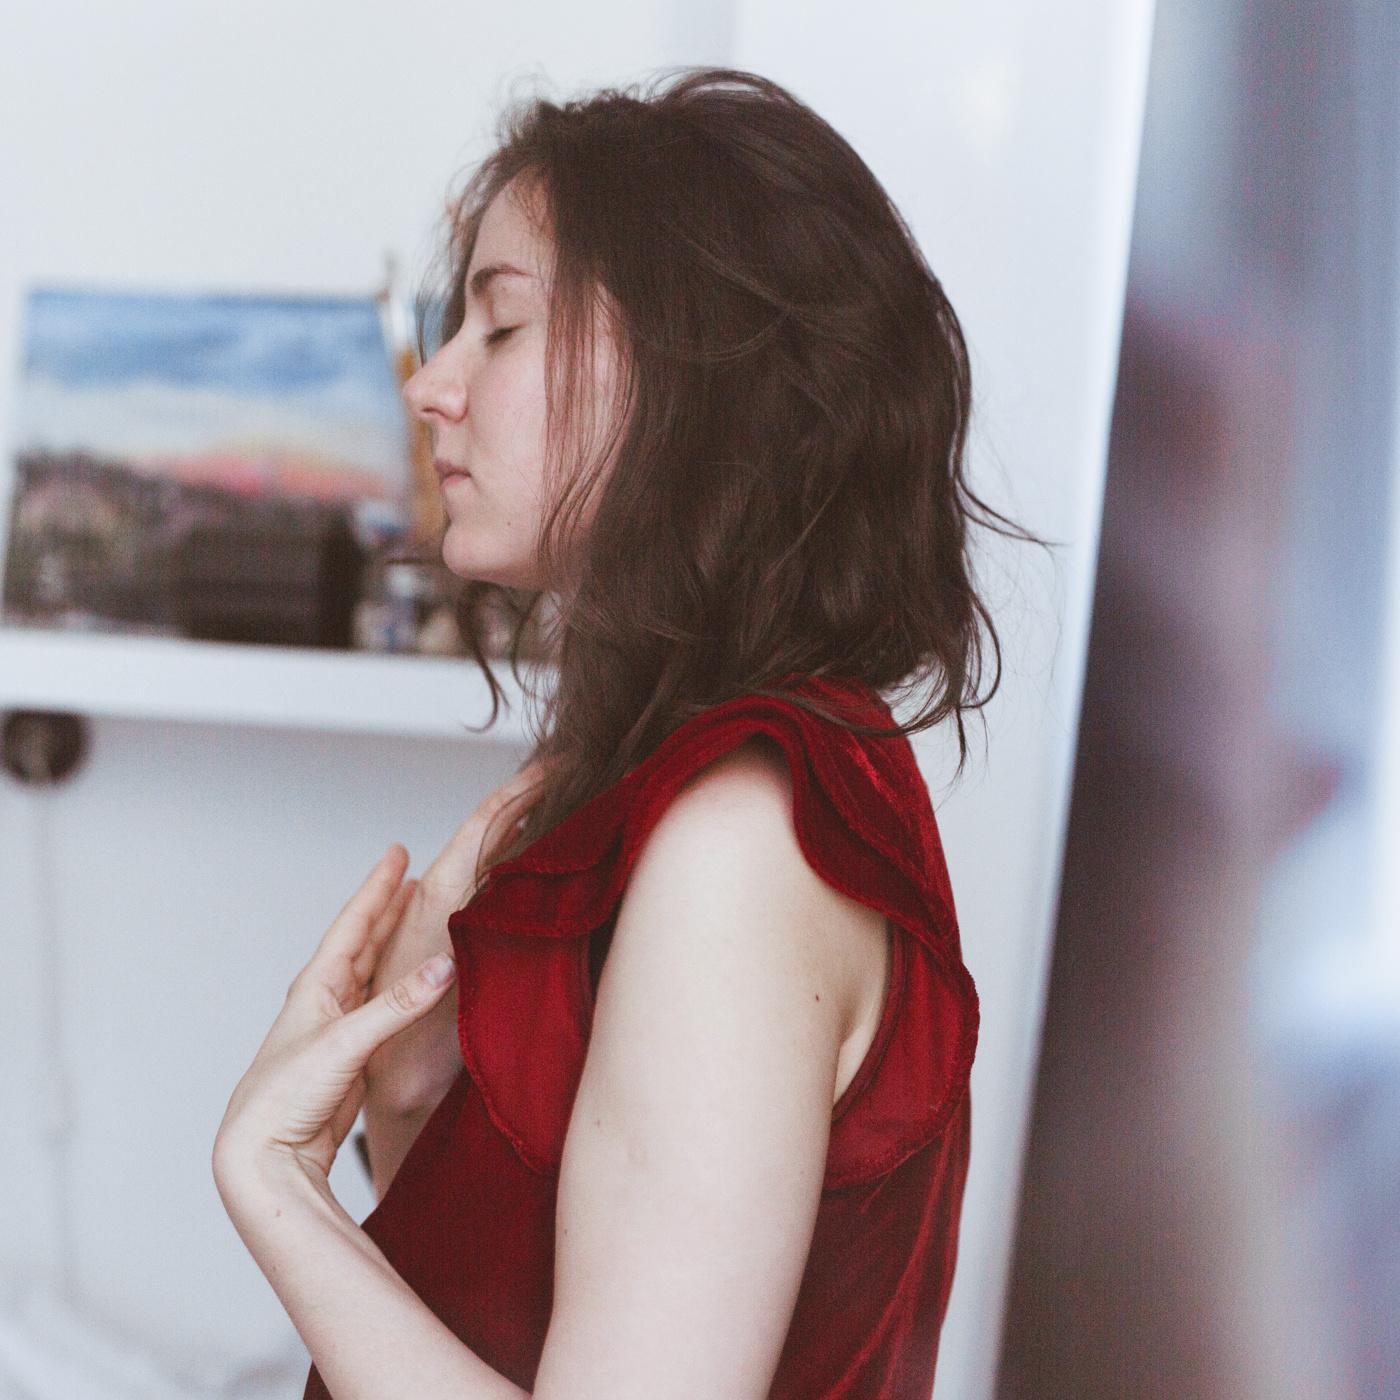 Tamara Sofia Shmidt - Mehndi artist & designerOslavujte krásu a pečujte o své tělo a duši s My Mehndi - Prague.Mehndi (mehendi, henna, hina apod.) - je starodávné uměnízdobení kůže hennou, dočasné neinvazivní